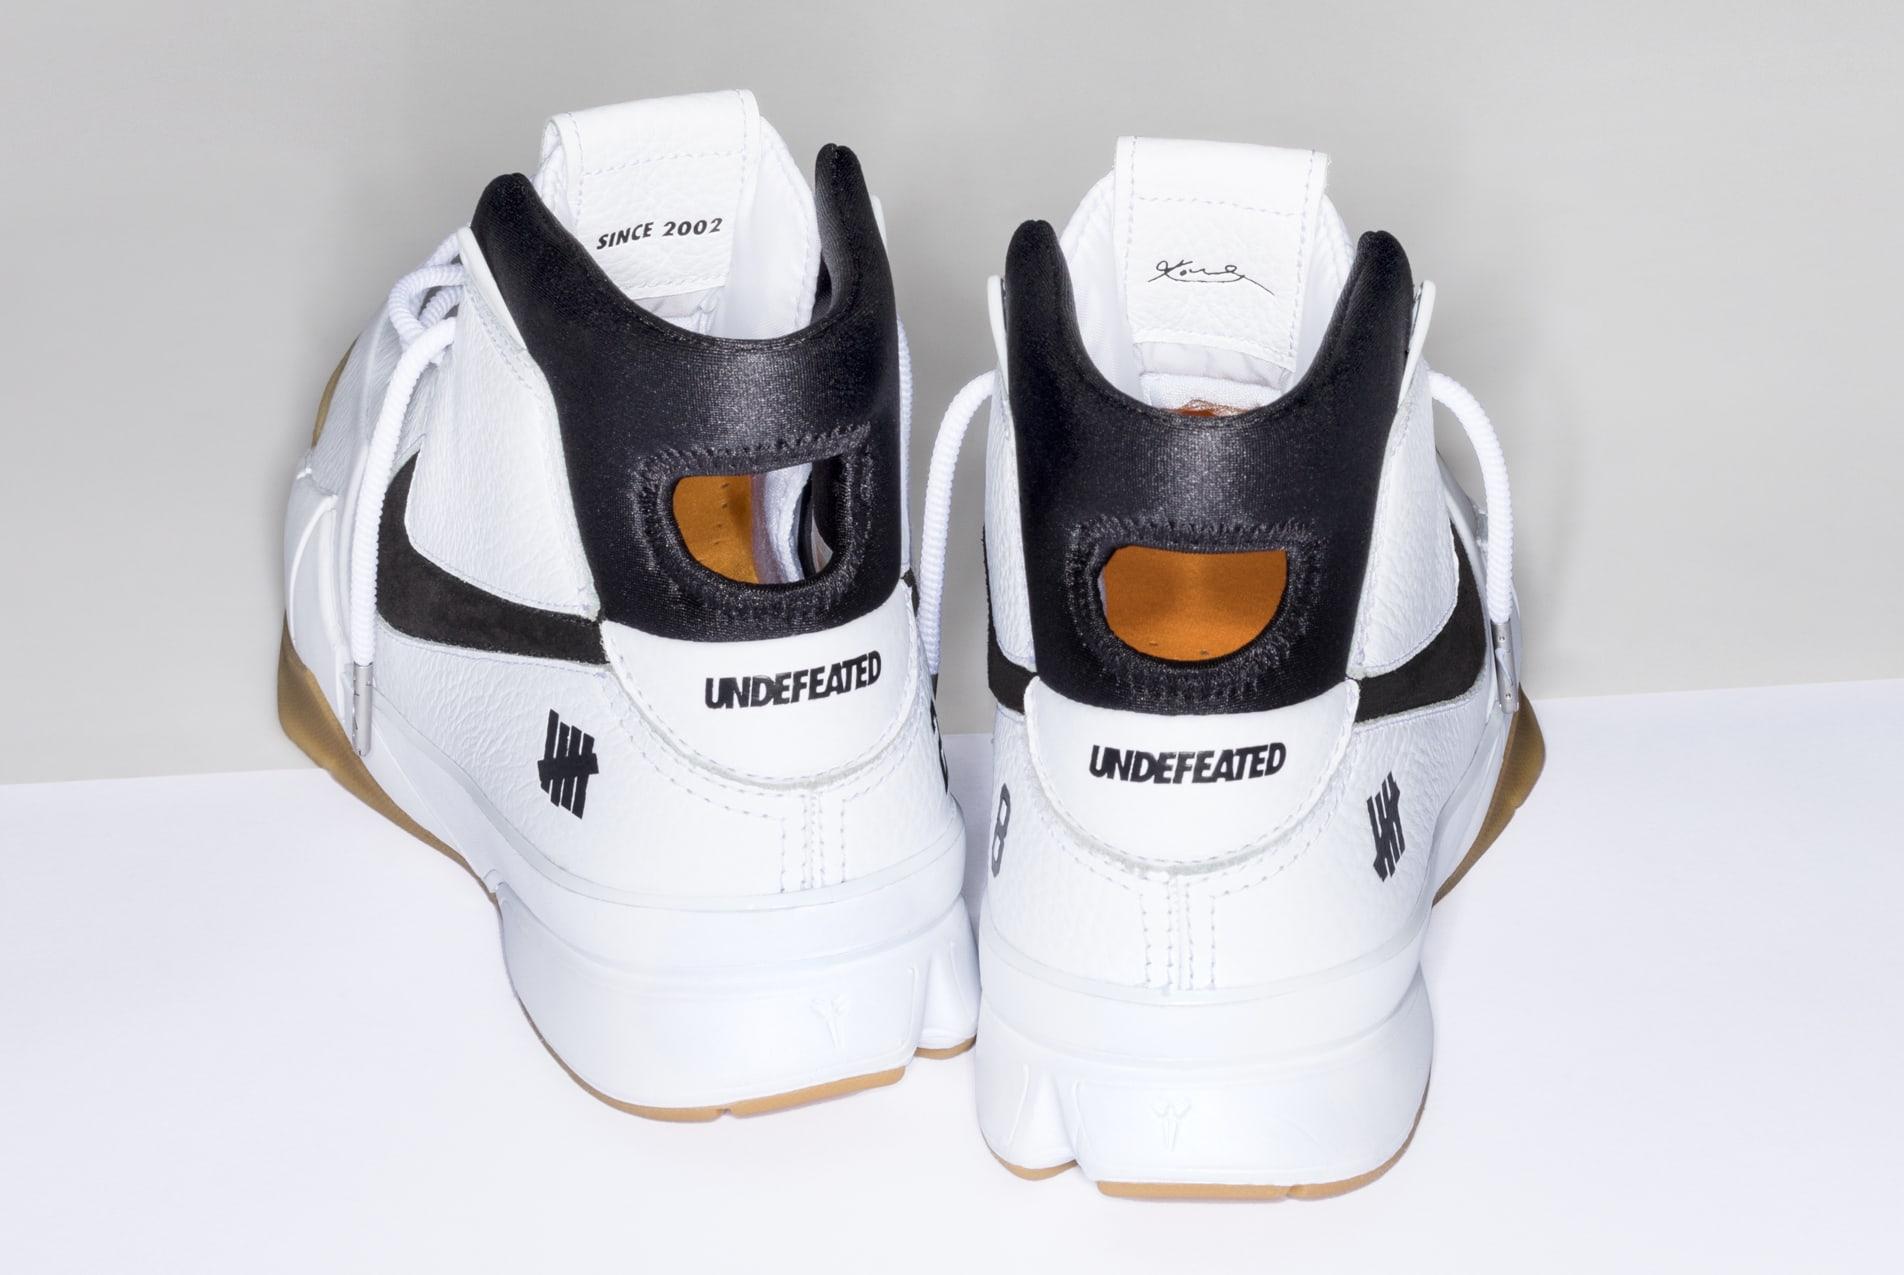 Undefeated x Nike Kobe 1 Protro 'White/Gum' 5